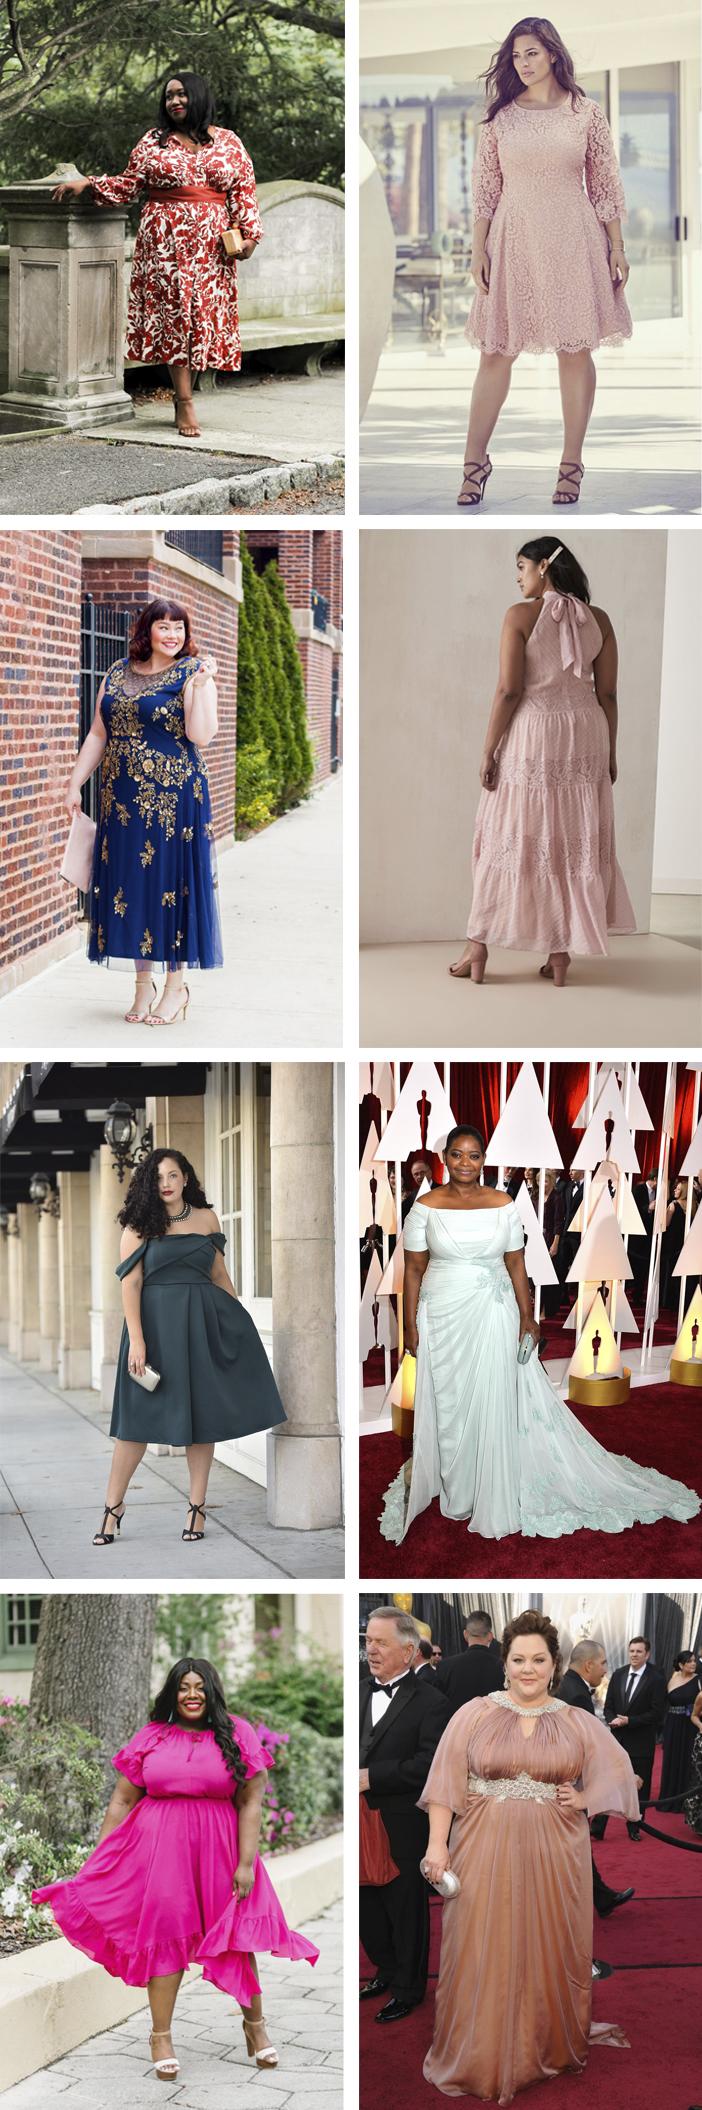 Inspiração - Vestidos de festa plus size